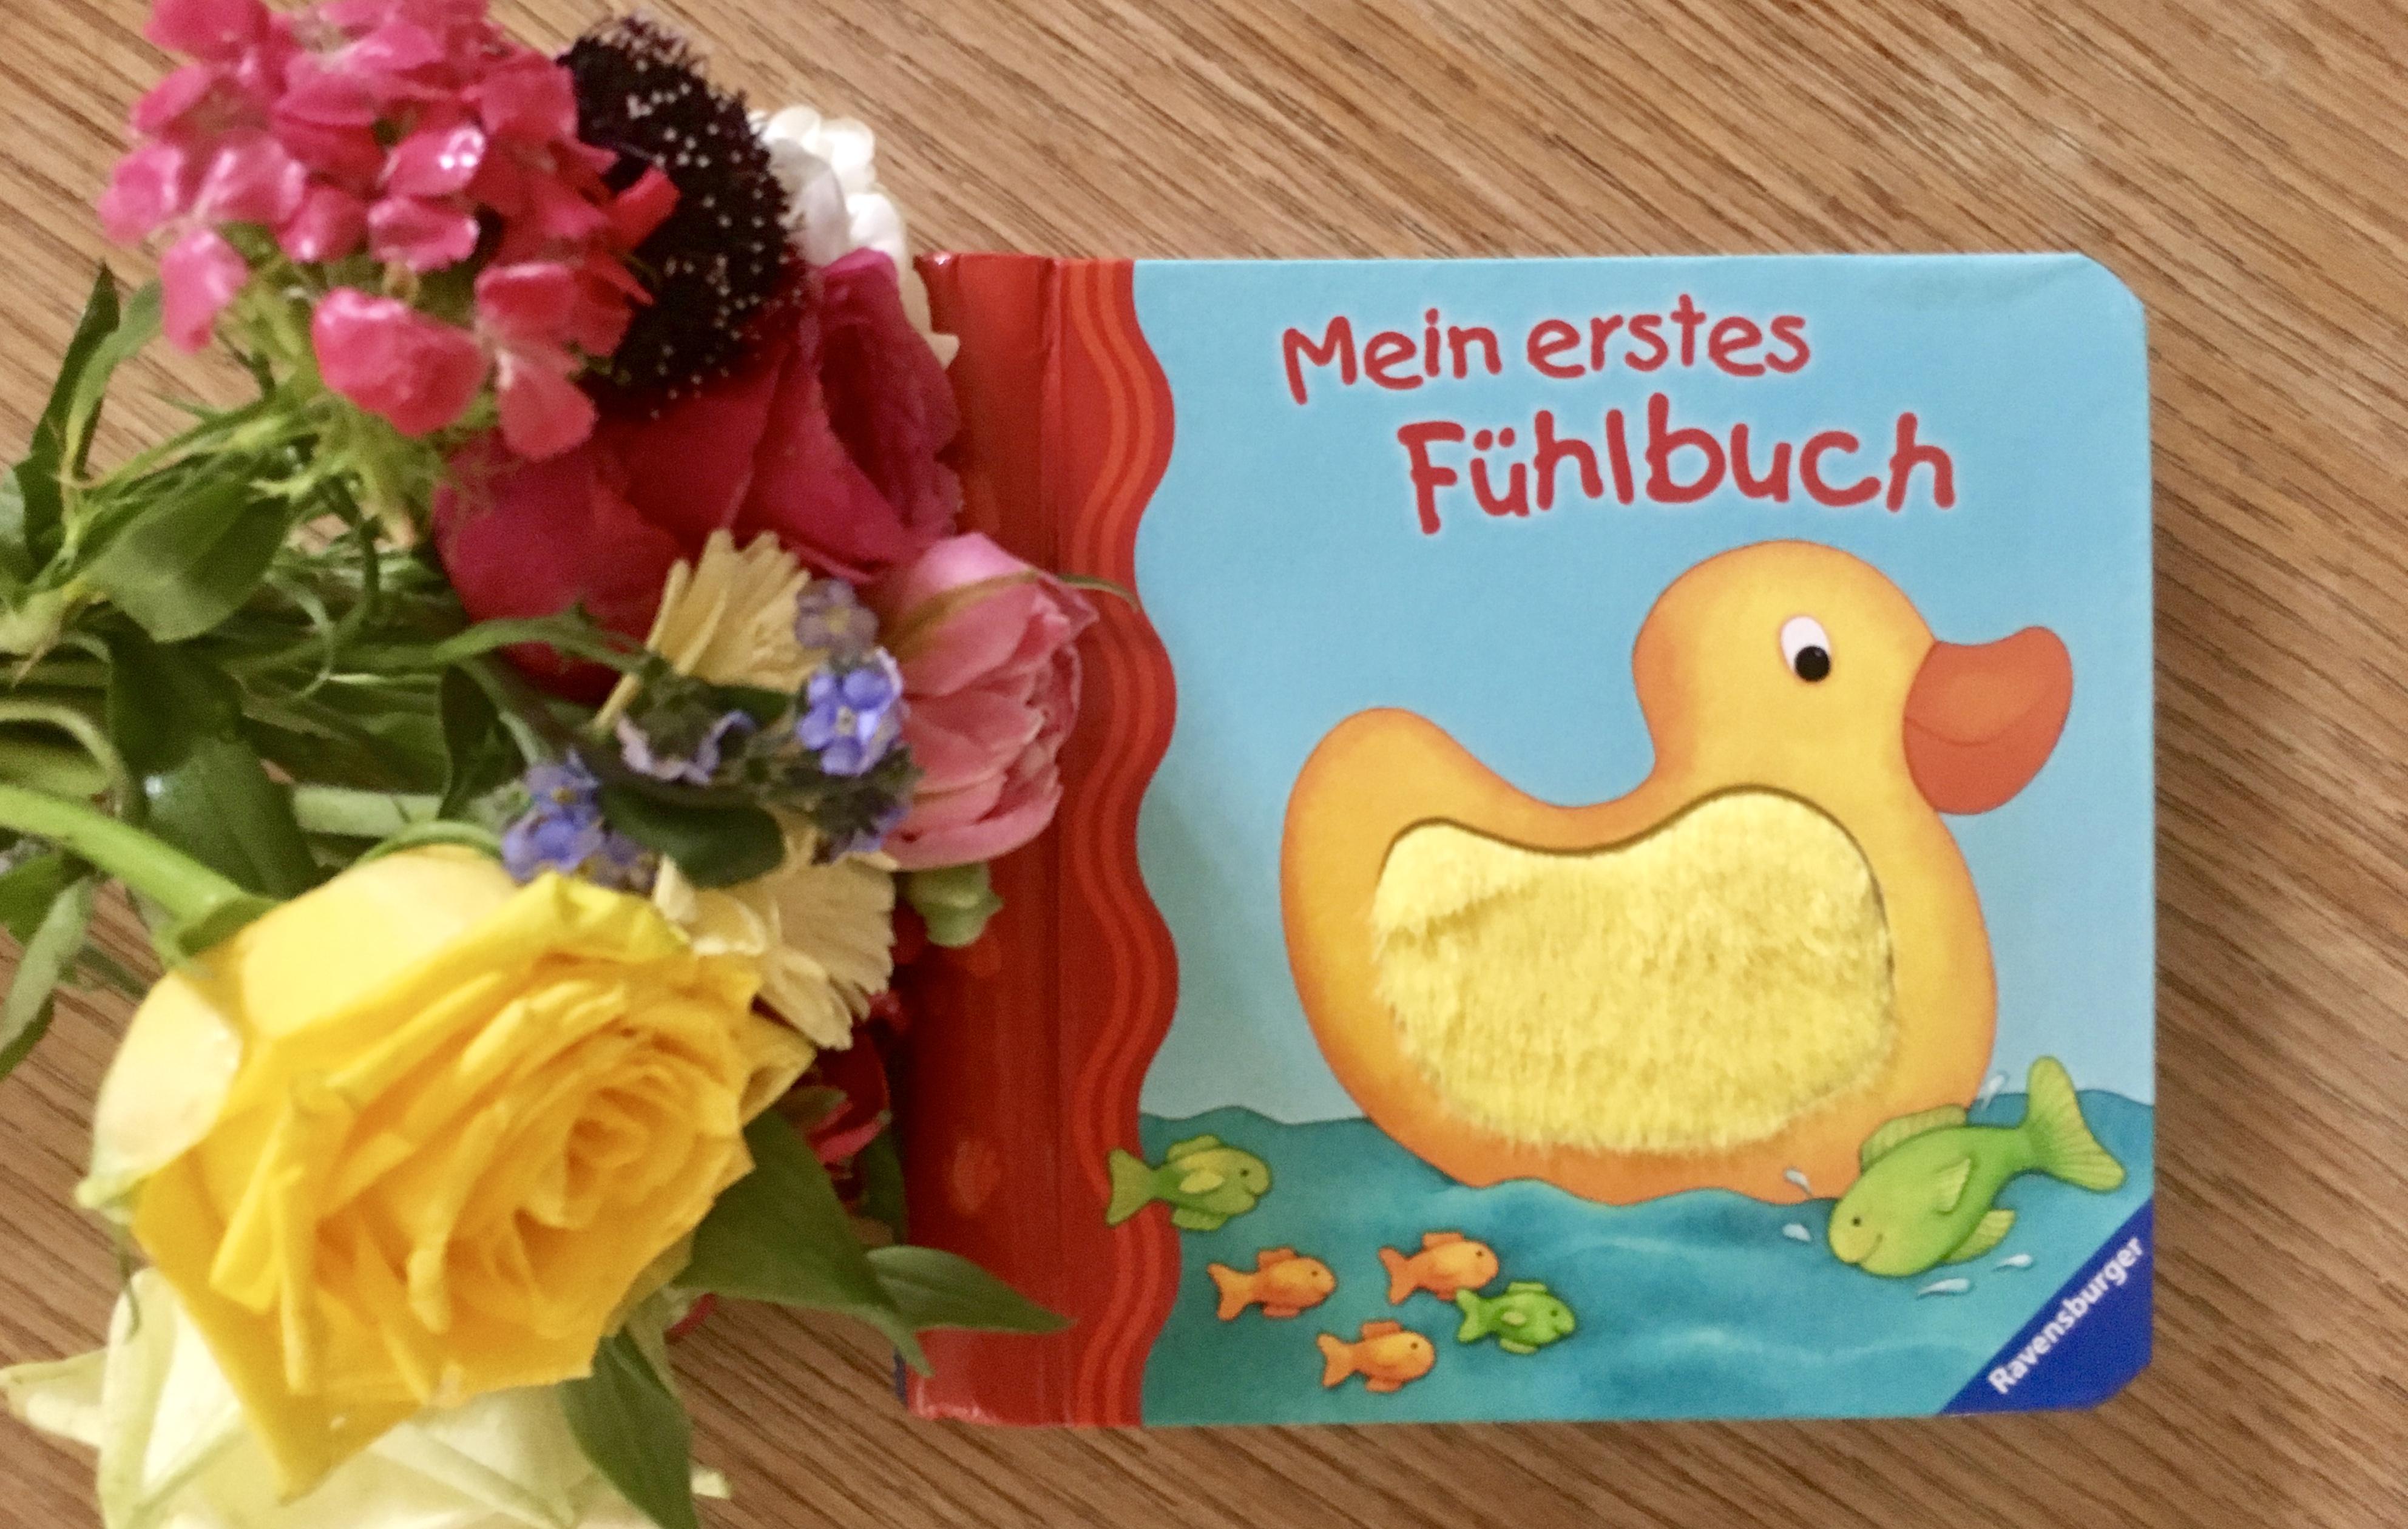 Mein erstes Fühlbuch von Sandra Grimm (Text) Monika Neubacher-Fesser (Illustration)